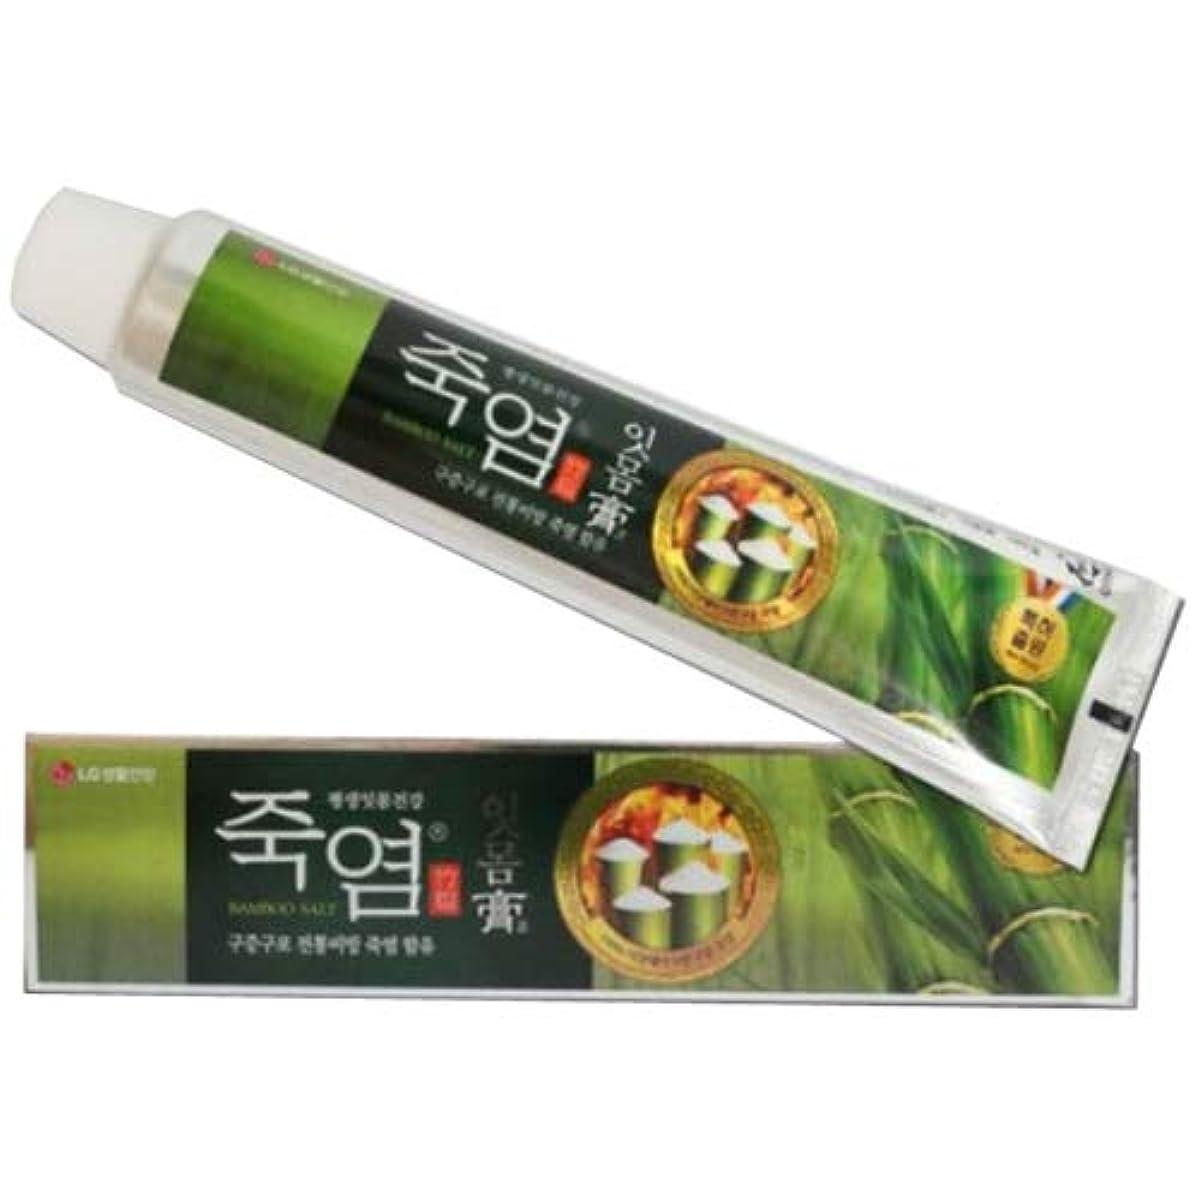 不健全警告マーケティングLG生活健康 竹塩歯磨き粉 (歯康膏:ウンガンゴ)(120g X2個) 竹塩歯磨き粉つぶれて歯茎を健康に ウンガンゴ